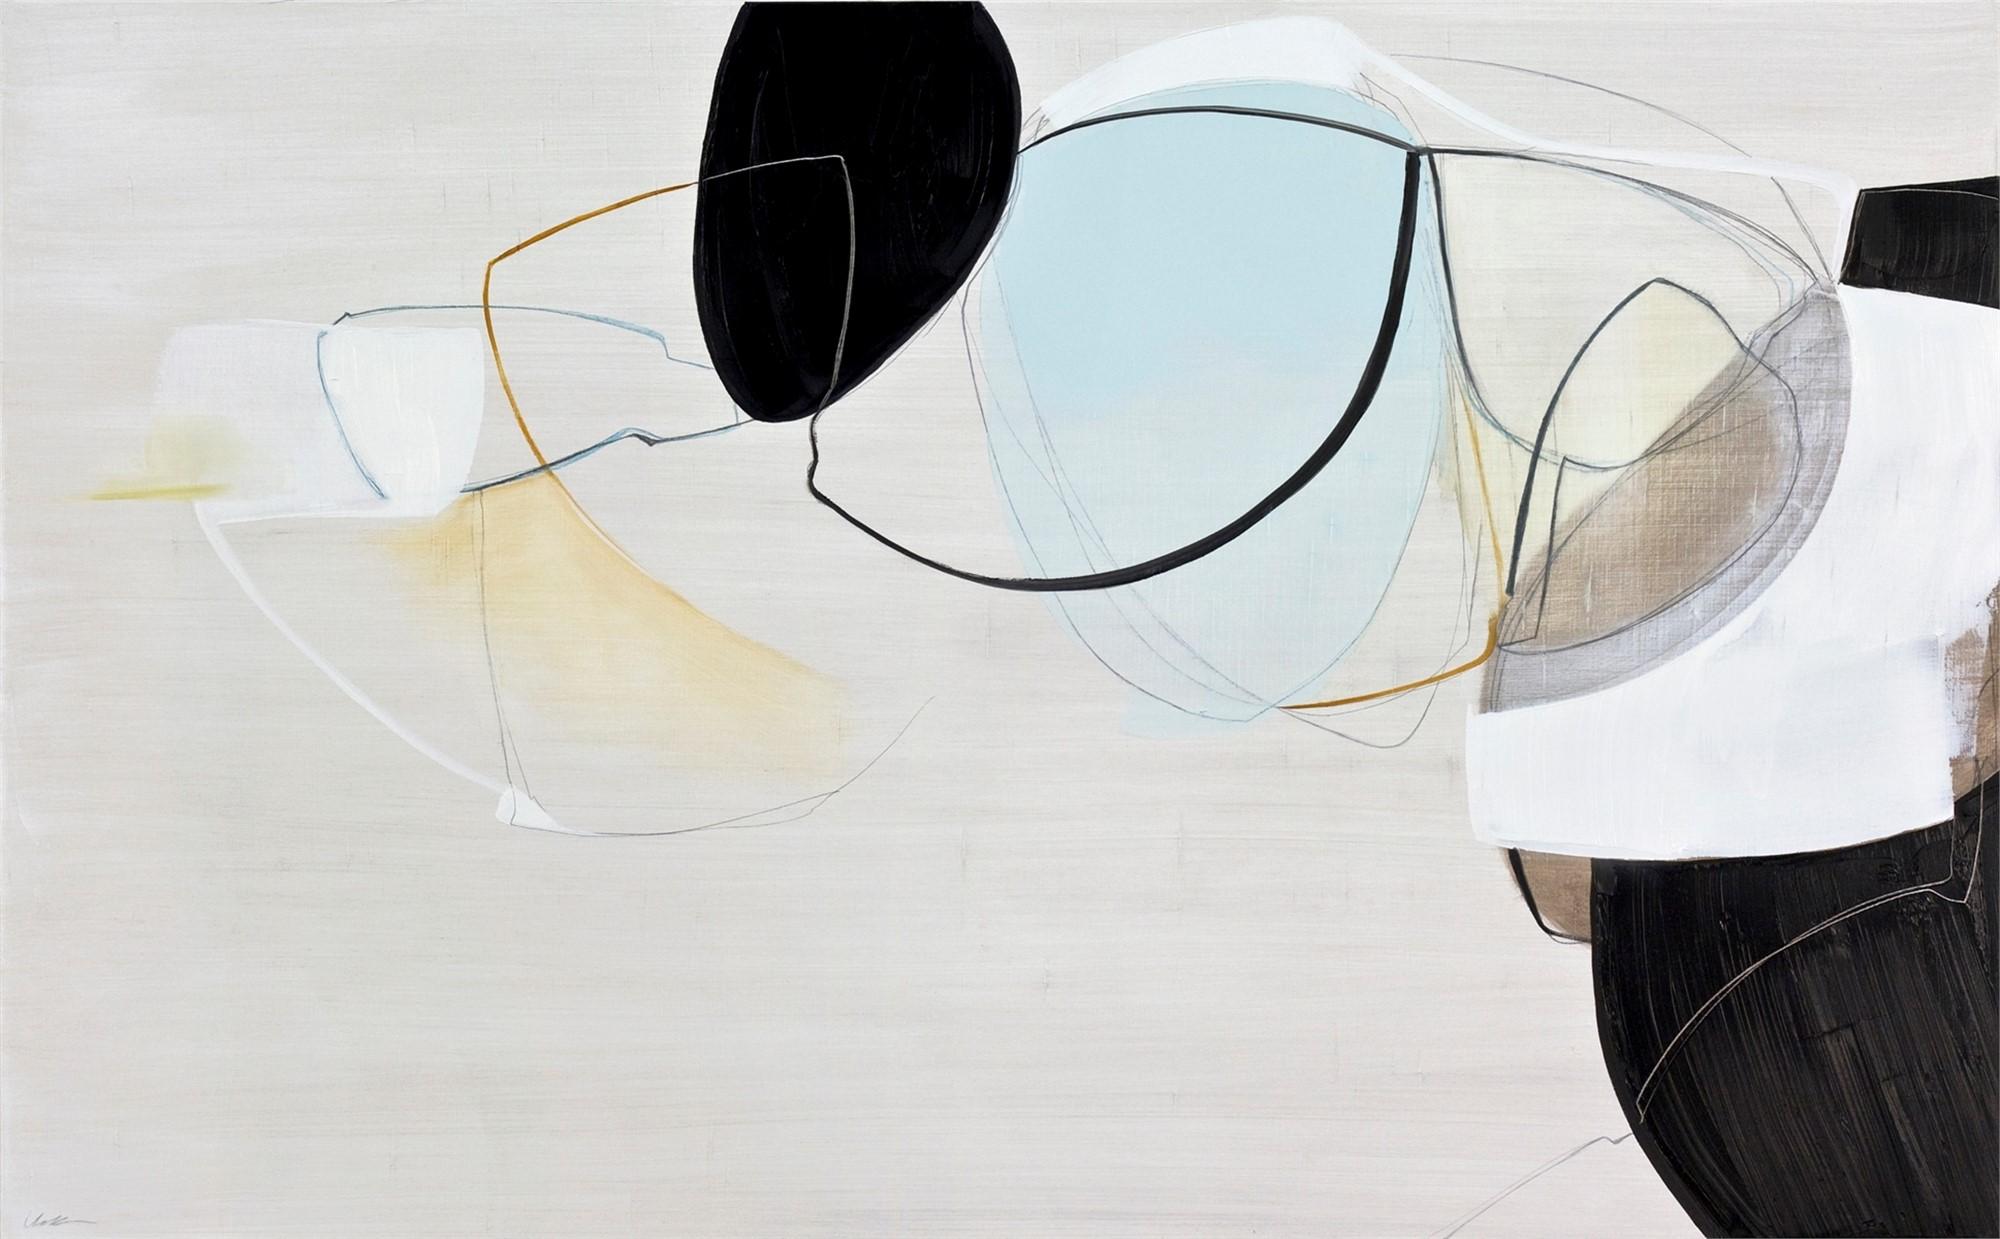 Ruffle and Fold by Rose Umerlik